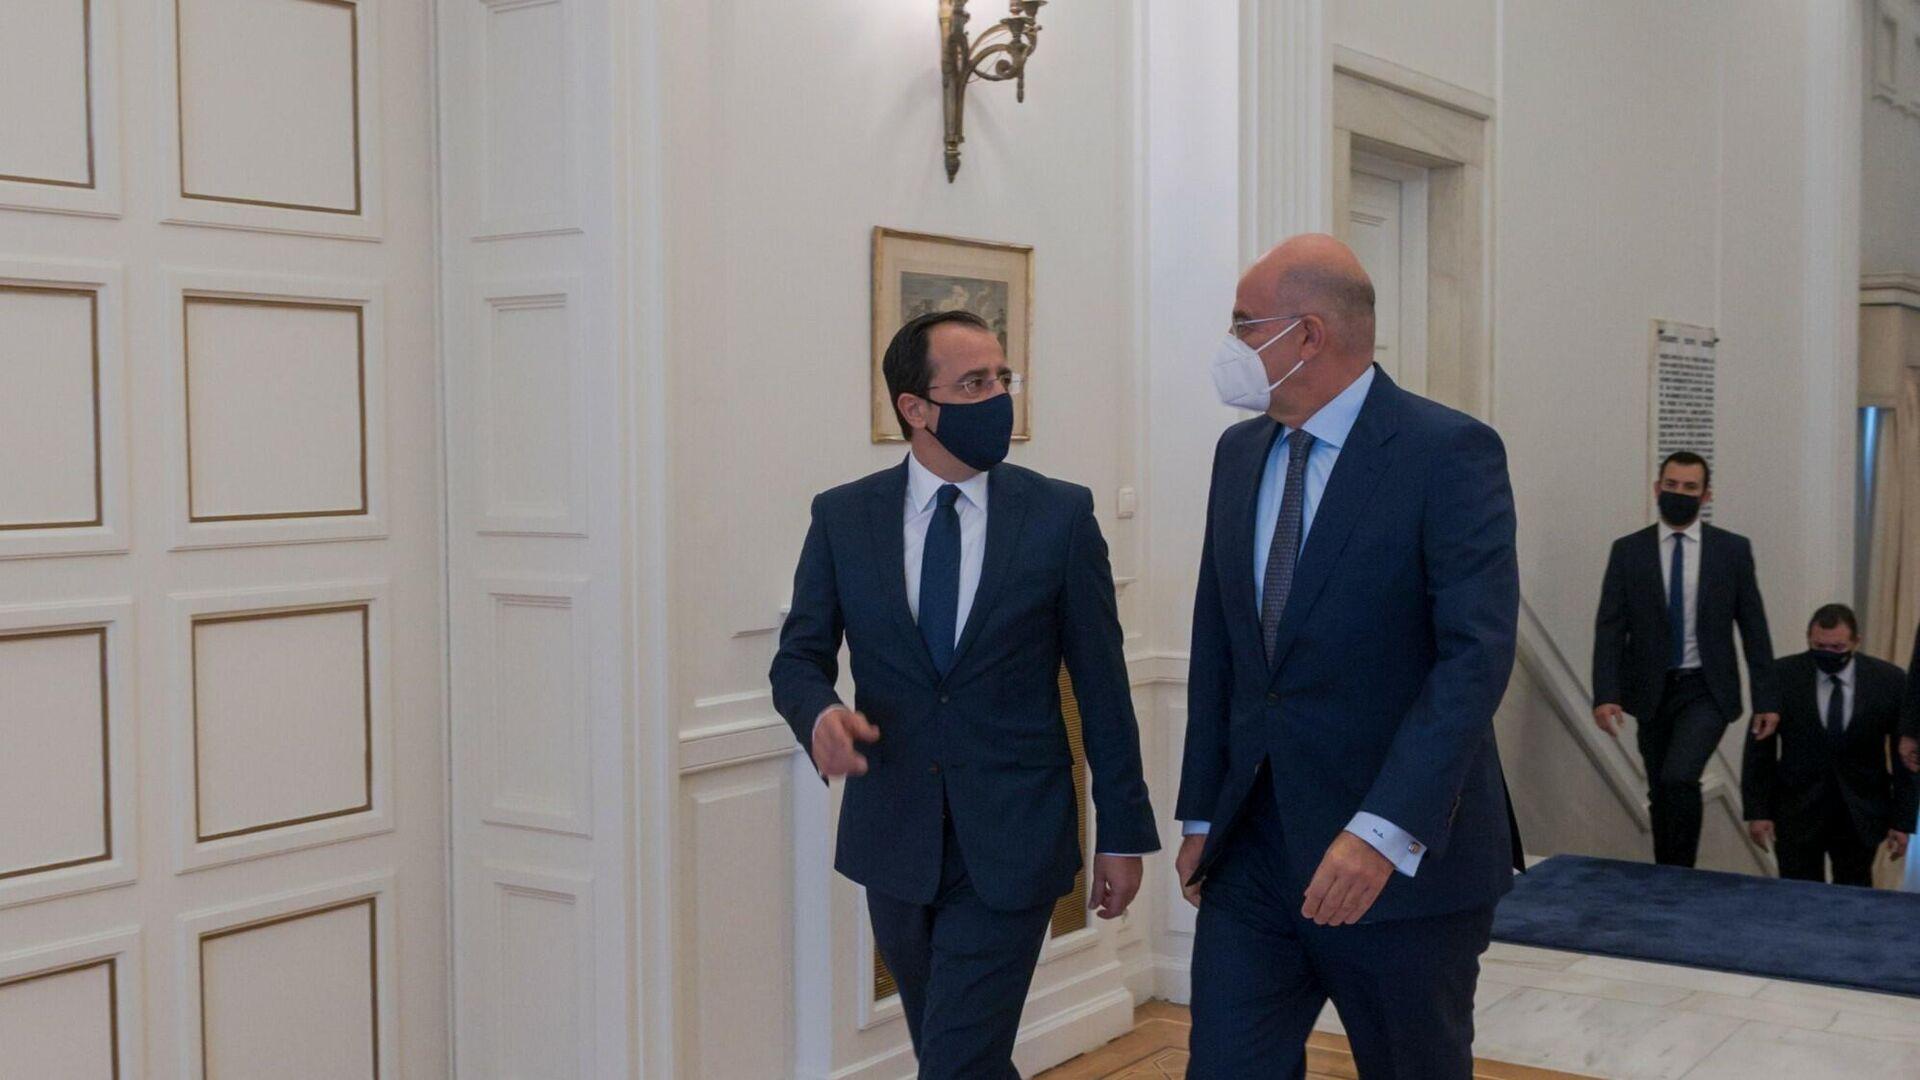 Υπουργοί Εξωτερικών Ελλάδας και Κύπρου, Νίκος Δένδιας και Νίκος Χριστοδουλίδης - Sputnik Ελλάδα, 1920, 04.10.2021